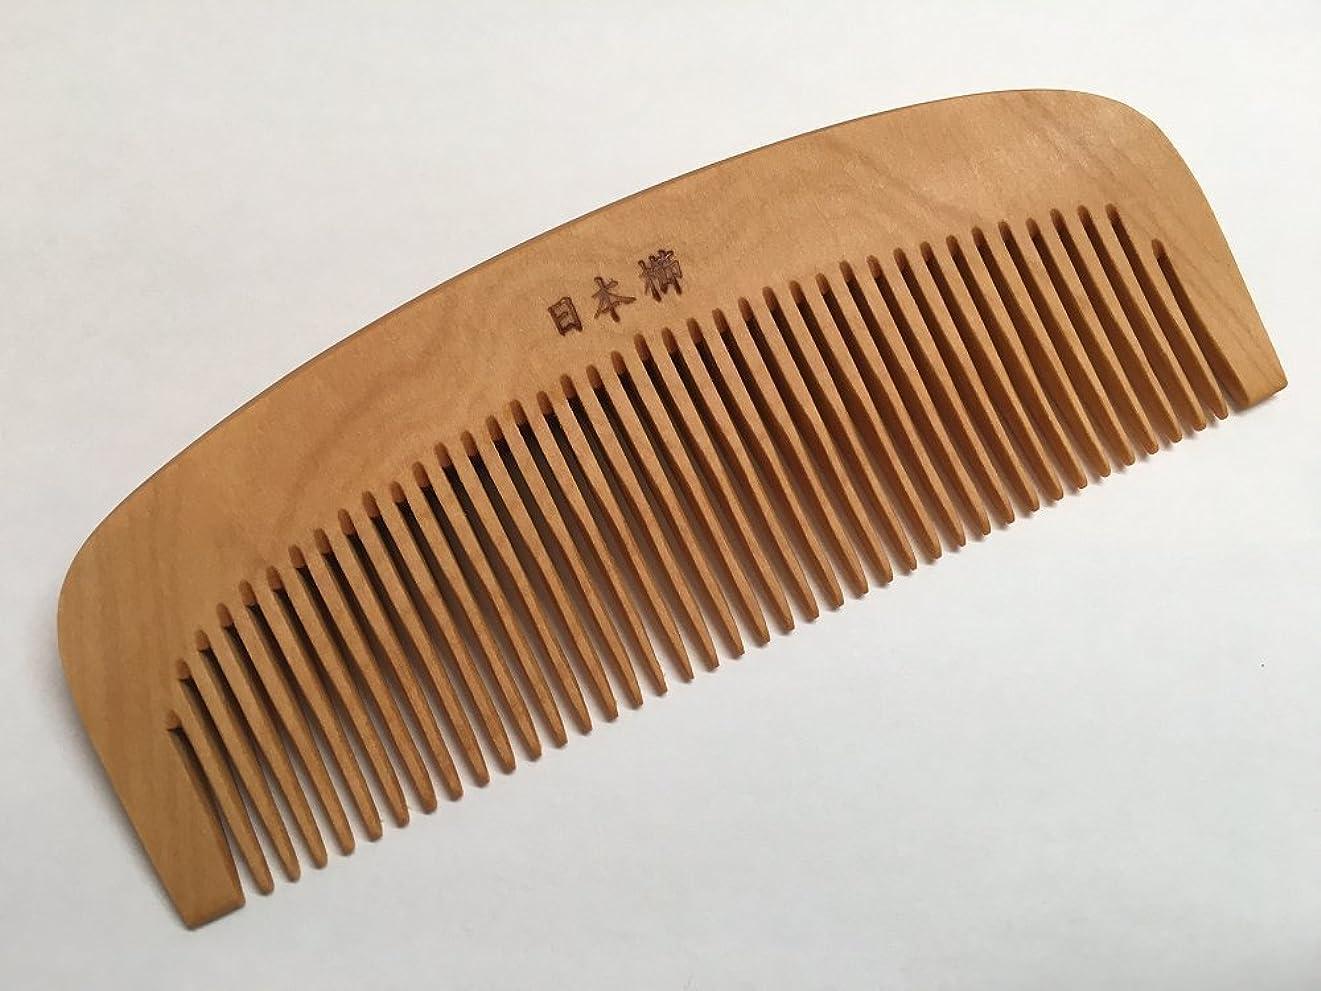 サバント類人猿出発するあかねつげ 「黄楊櫛」梳きくし(3.5寸) 椿油仕立【つげ櫛】日本製